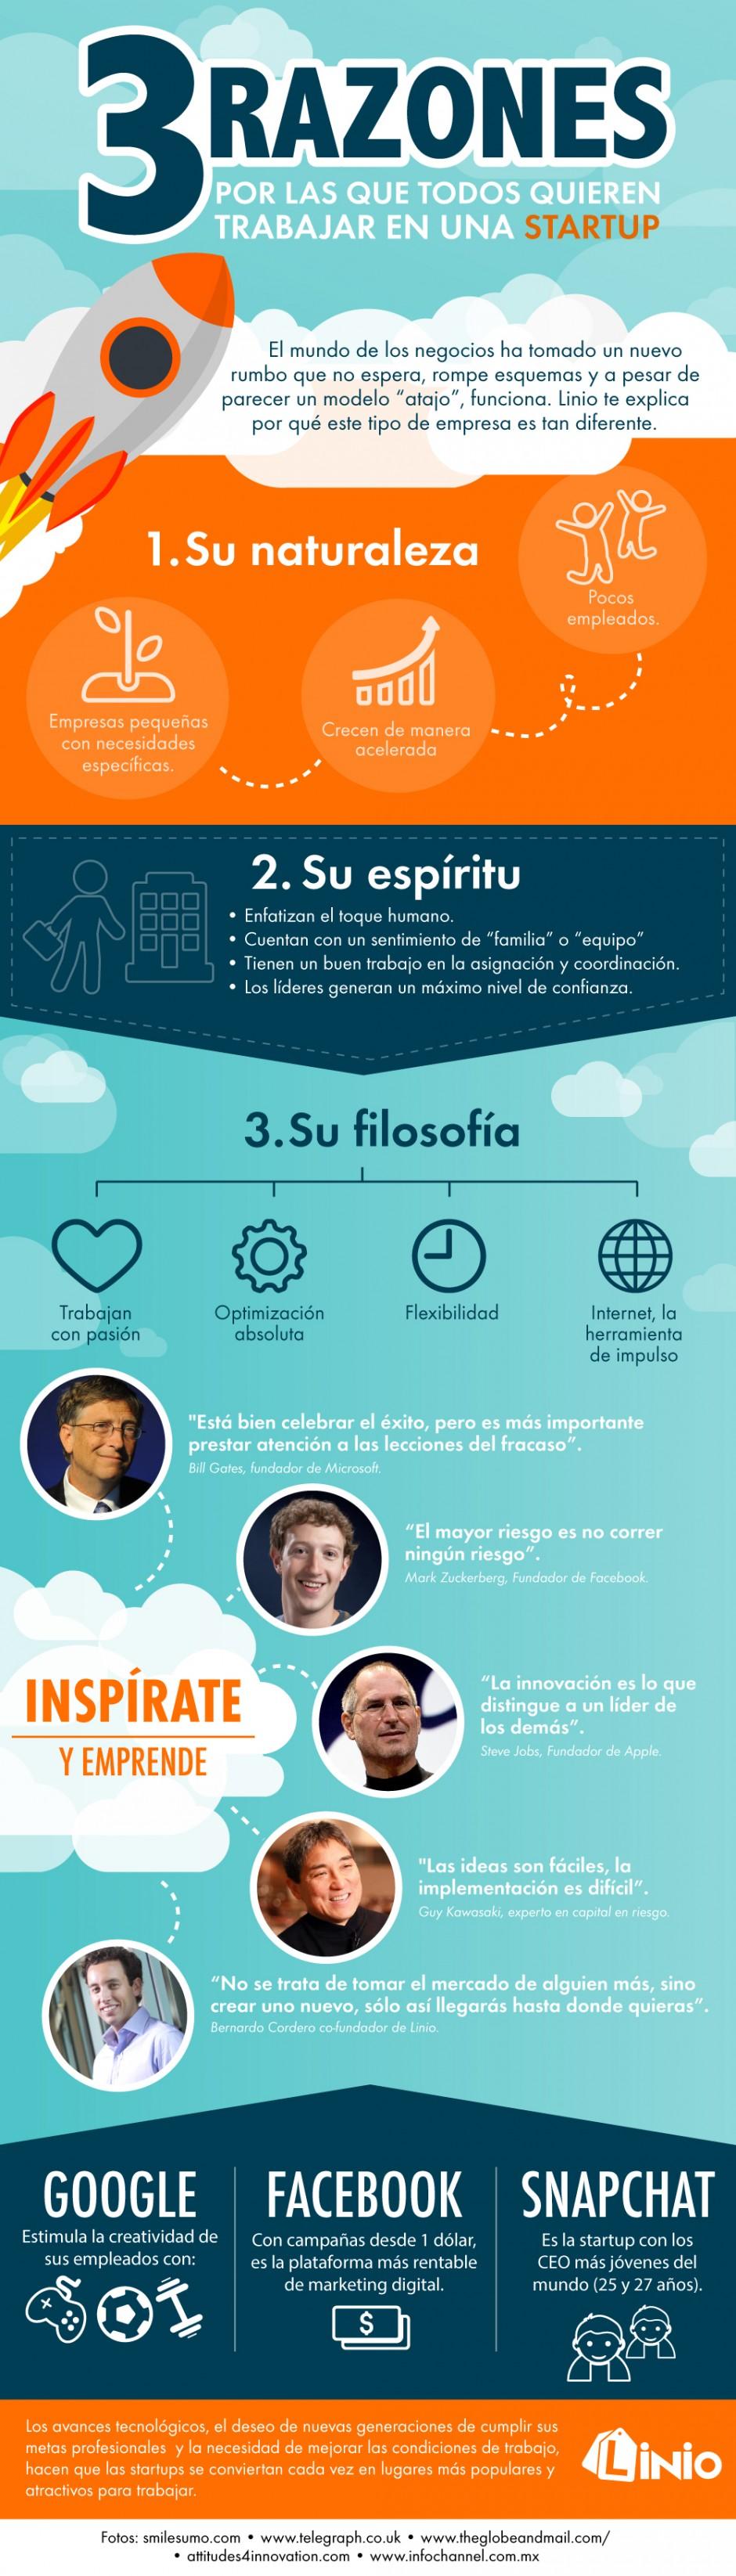 3-razones-para-trabajar-en-una-startup